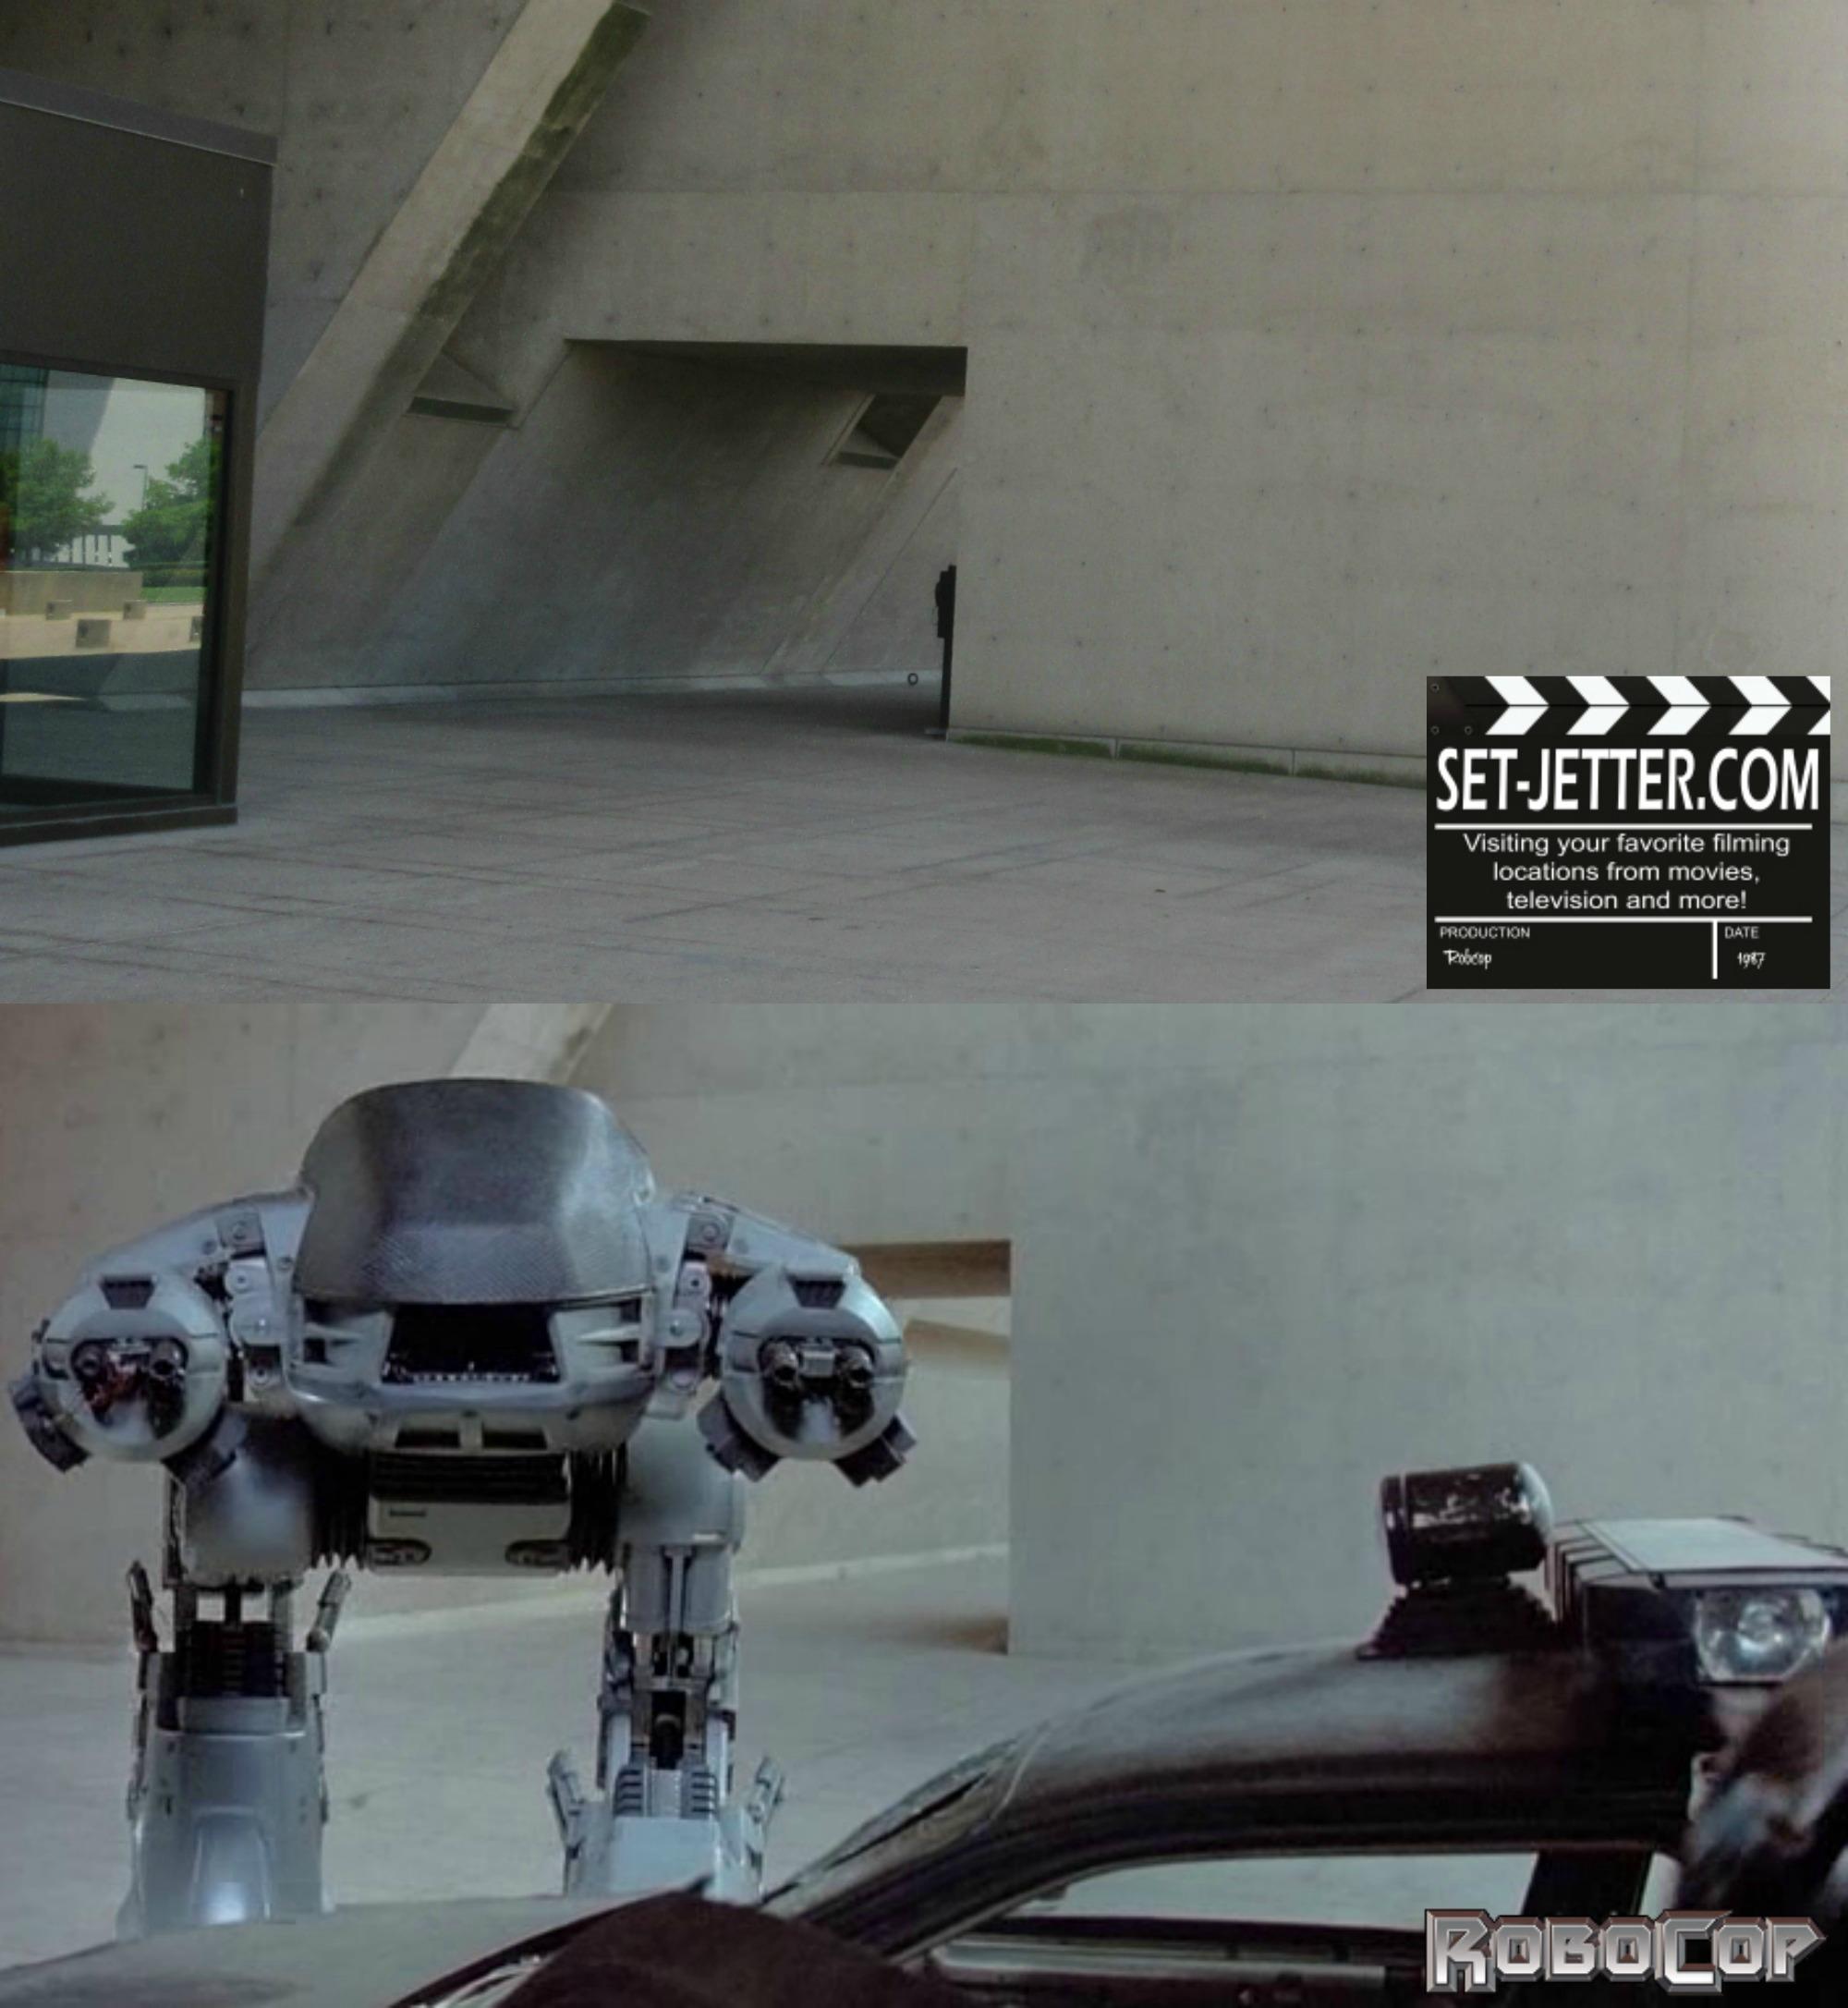 Robocop comparison 173.jpg